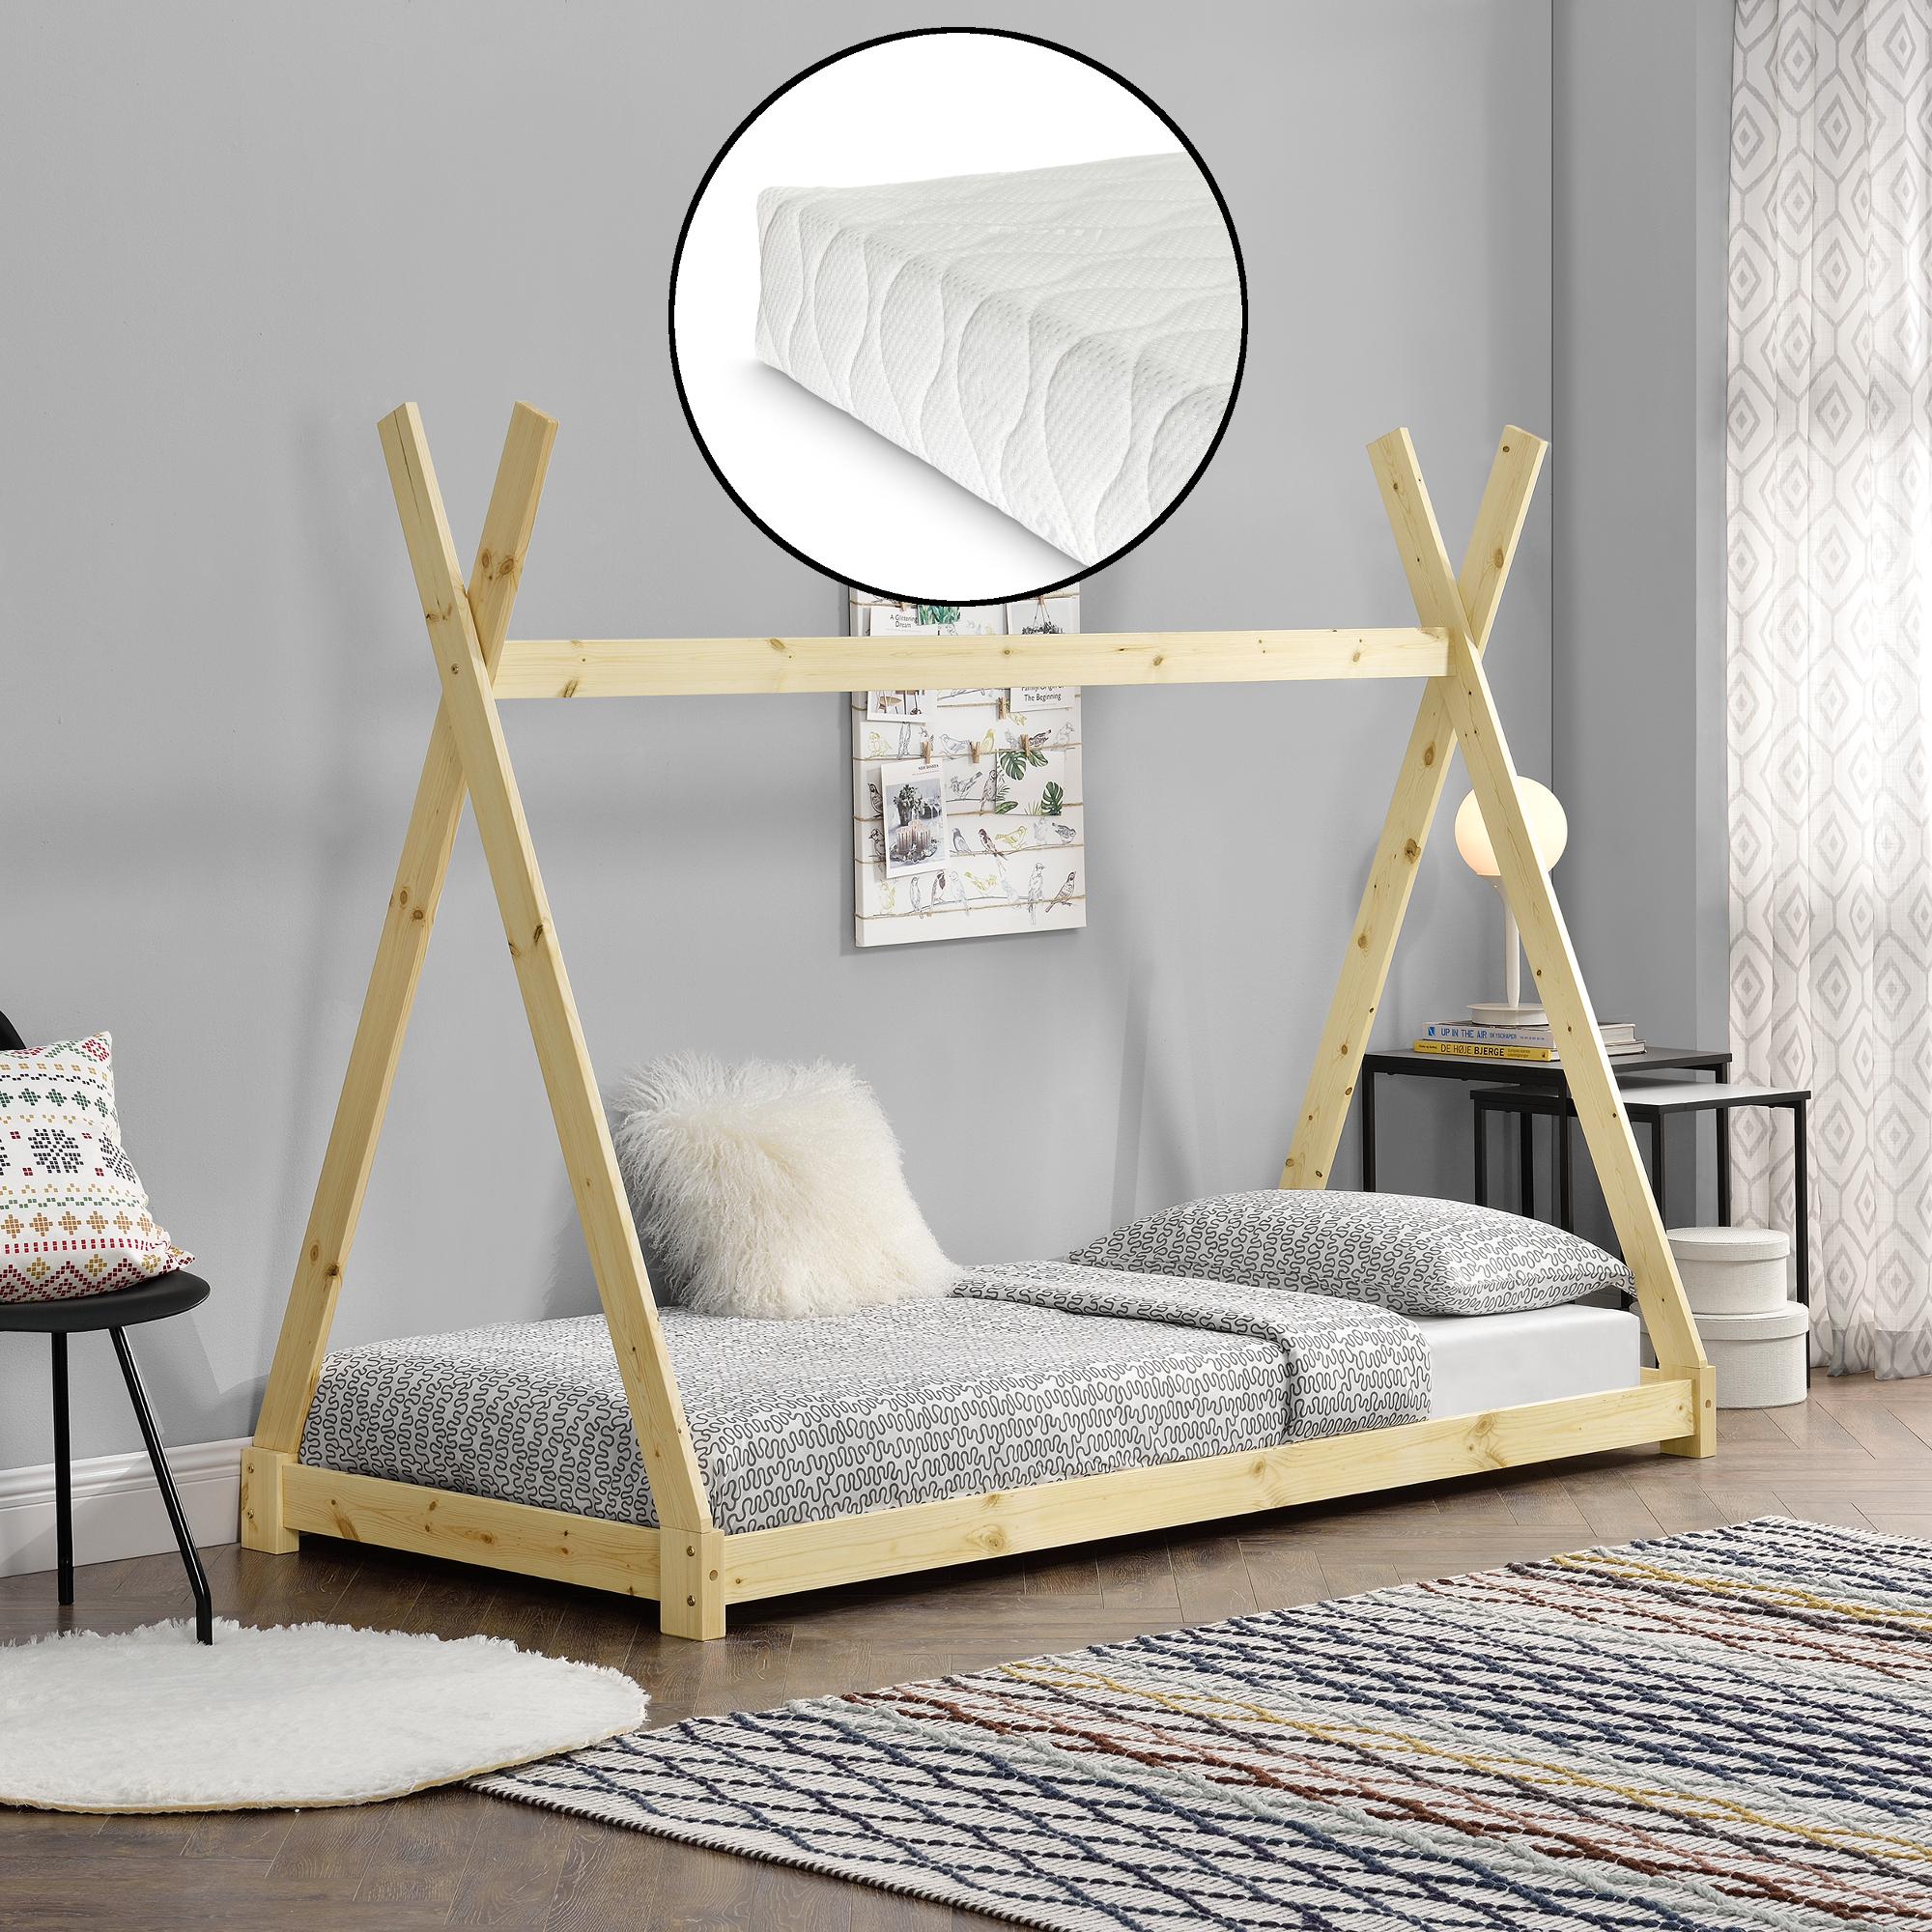 En Casa Kinderbett Matratze 90x200cm Tipi Indianer Bett Holz